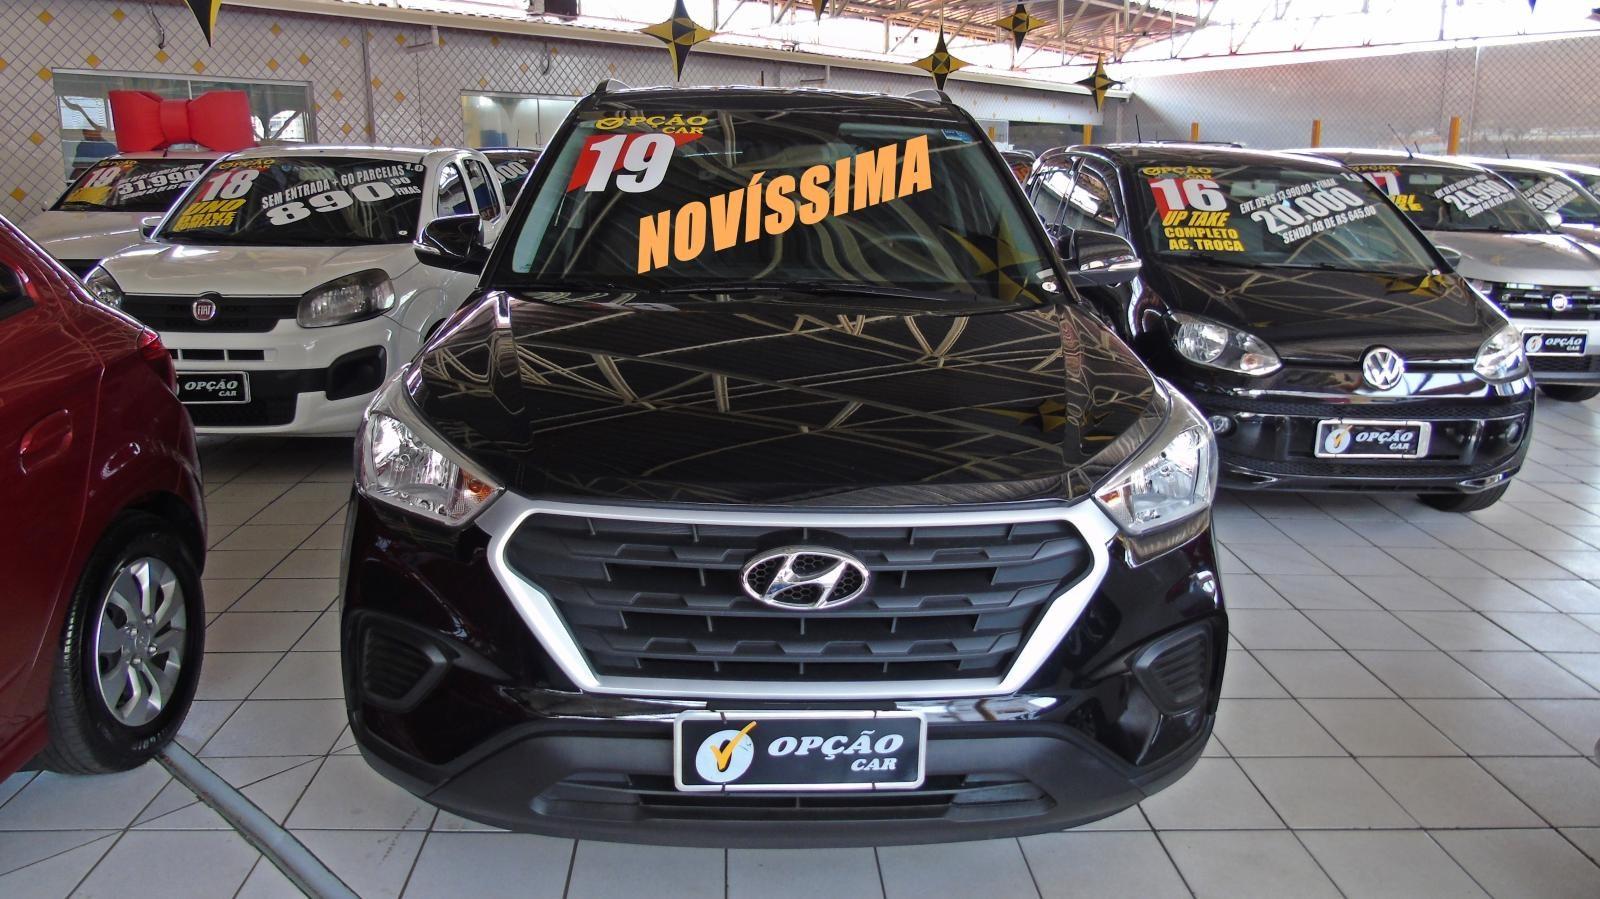 //www.autoline.com.br/carro/hyundai/creta-16-attitude-16v-flex-4p-automatico/2019/sao-paulo-sp/12649536